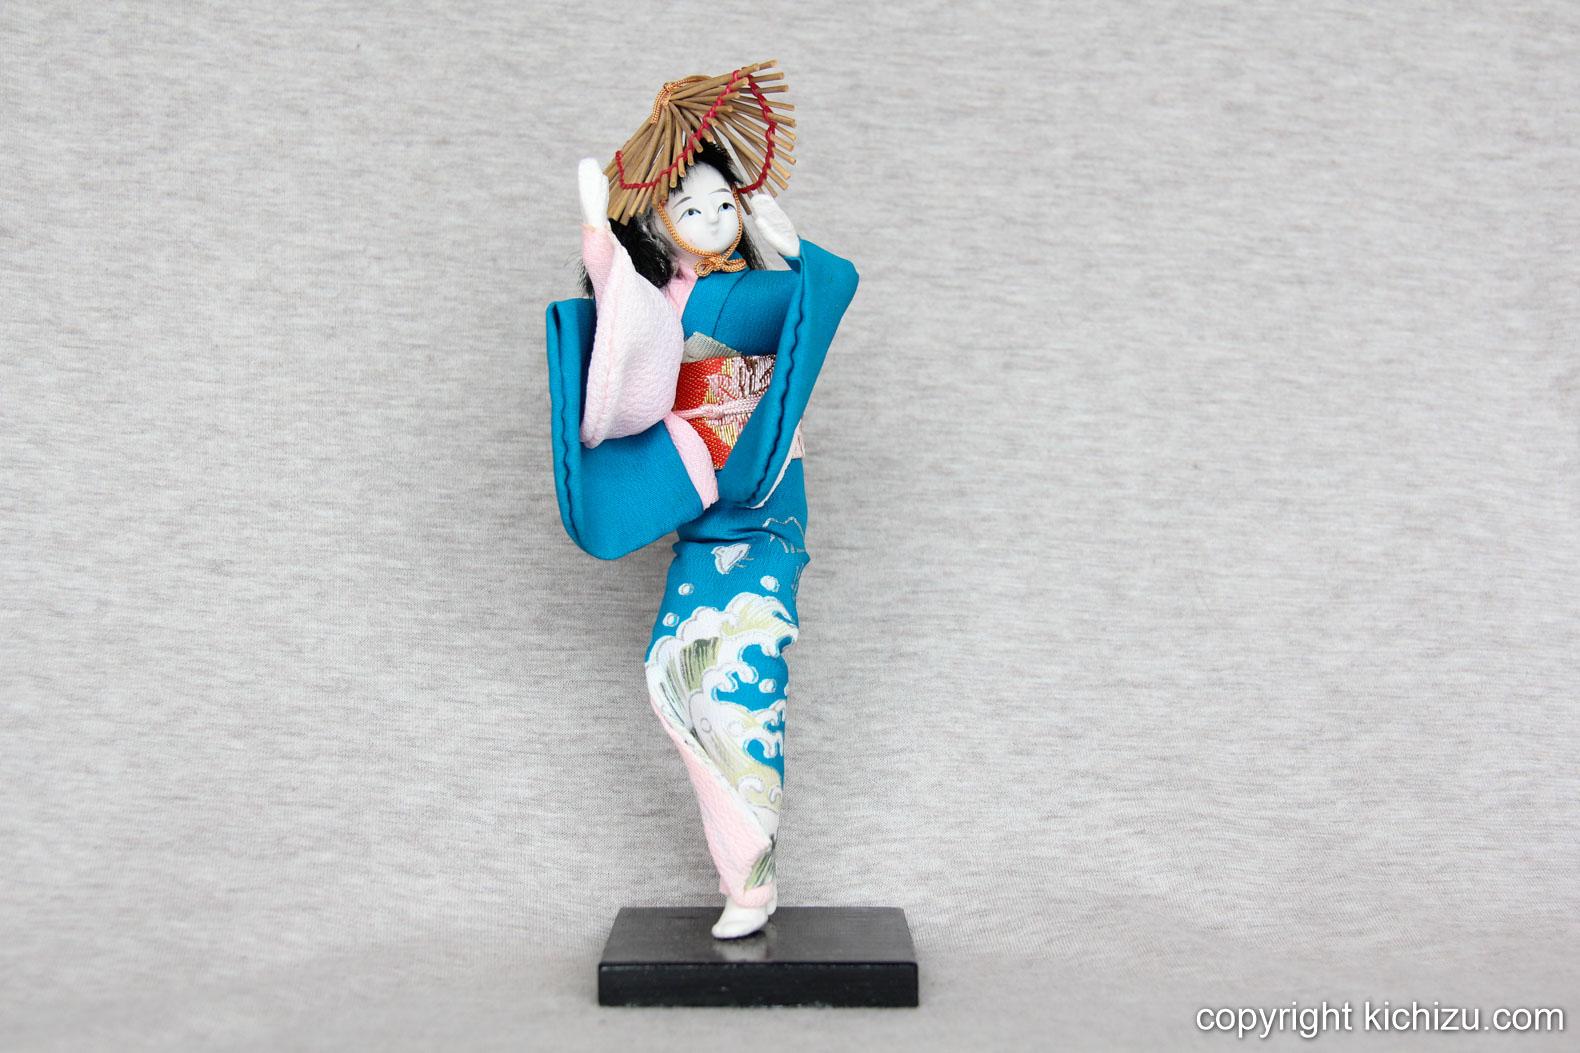 波しぶきがデザインされた着物を着て踊っている女性のお人形。